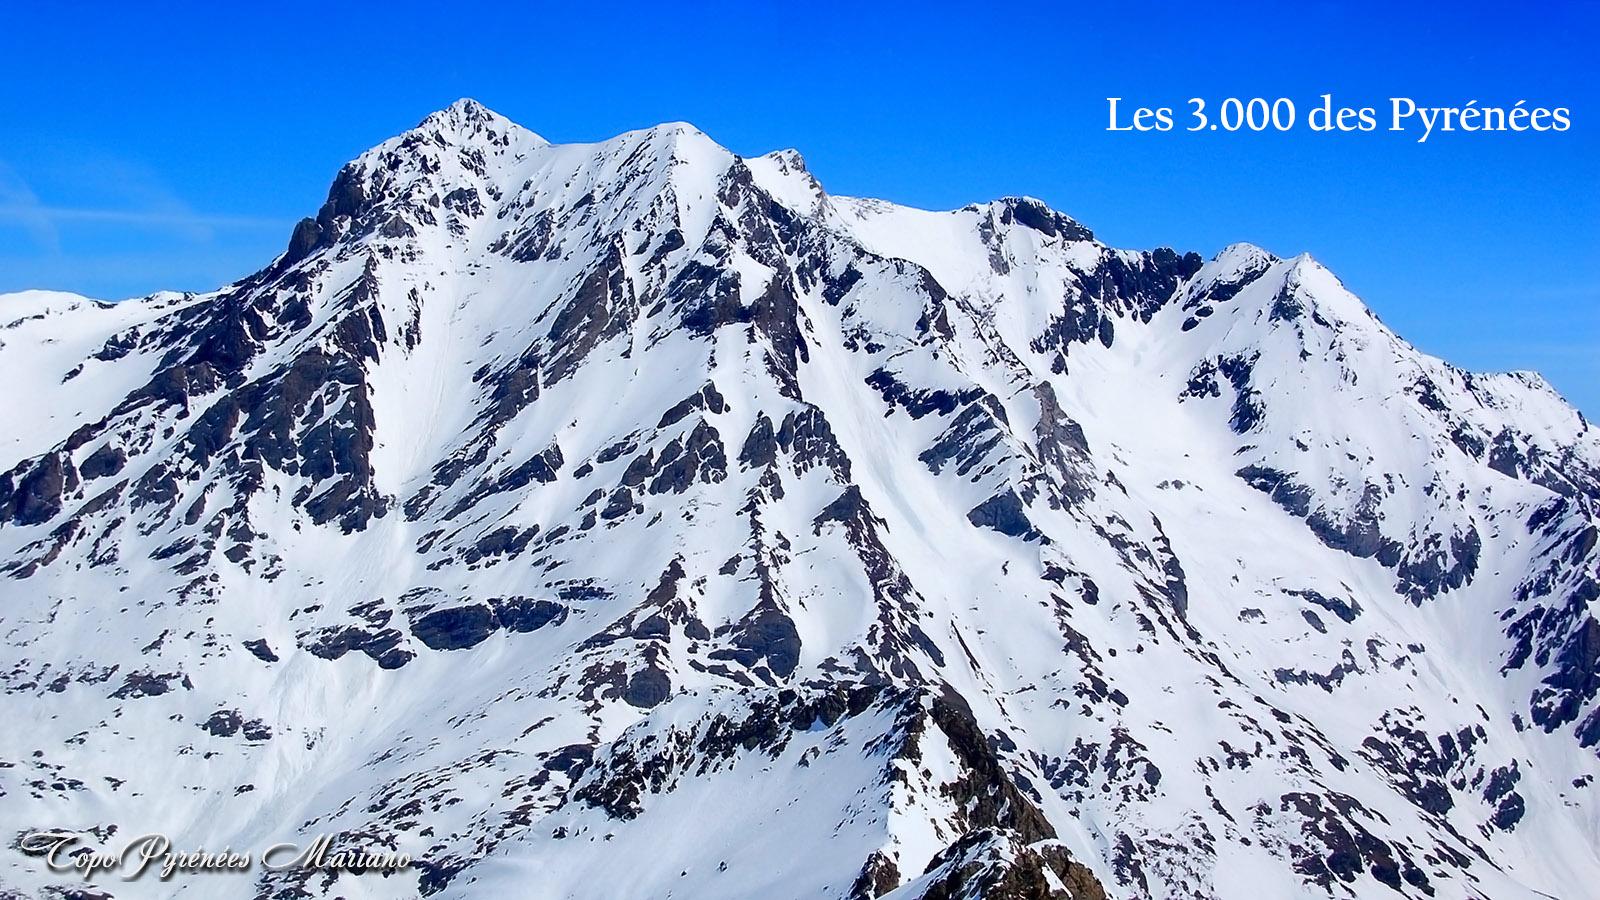 Les 3.000 des Pyrénées